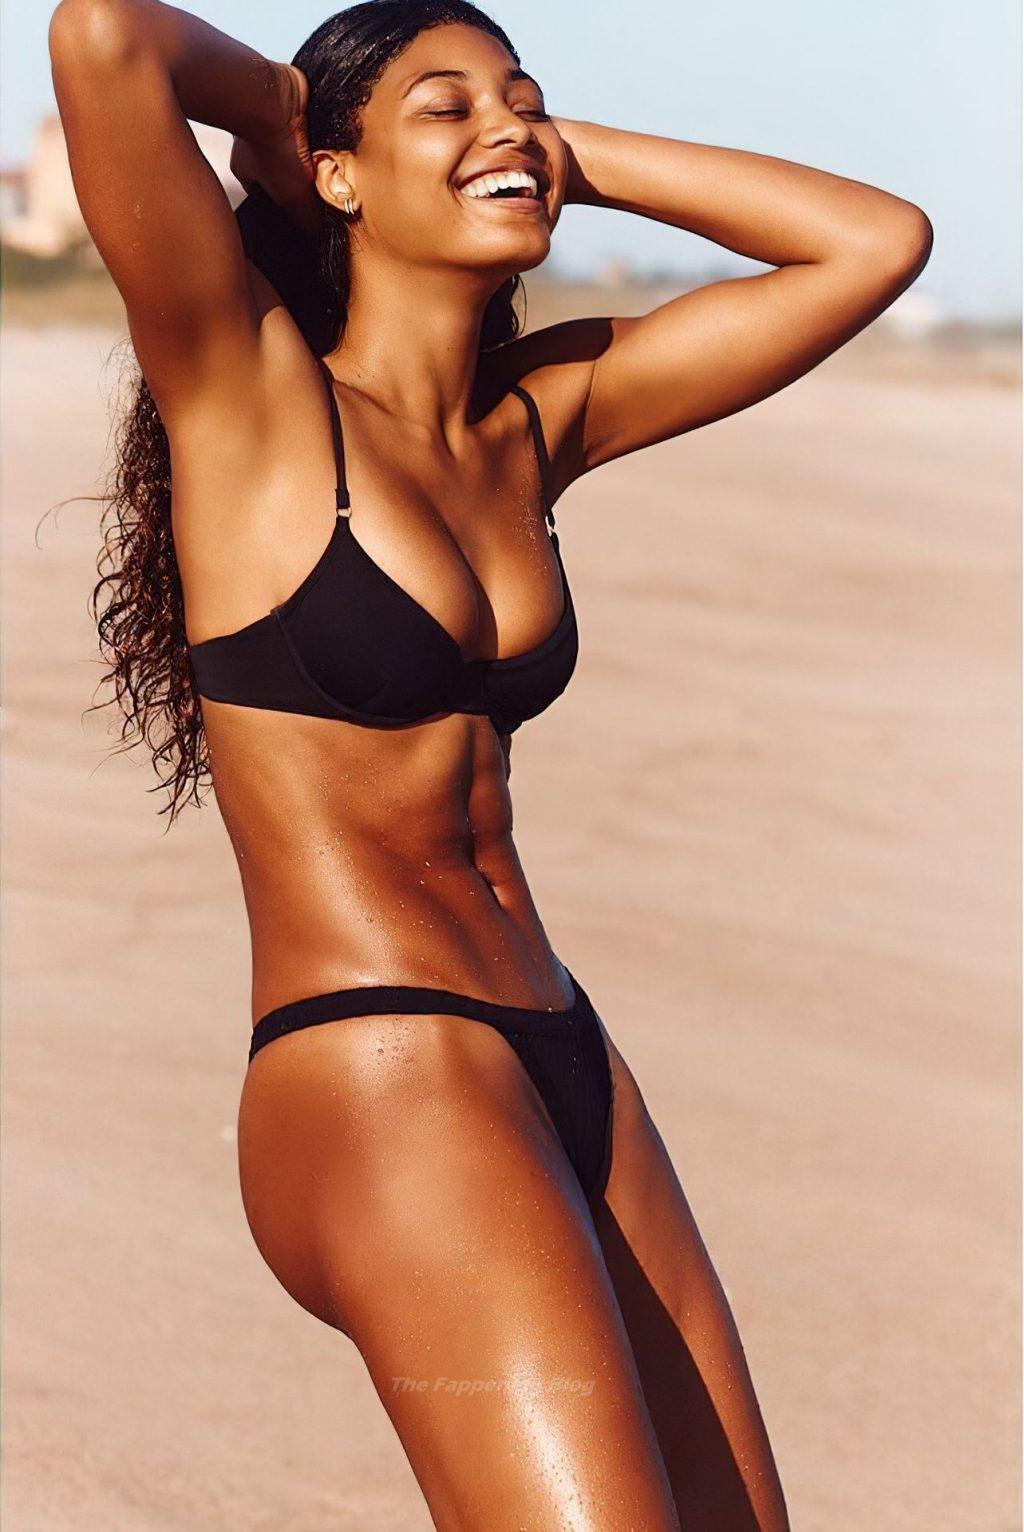 Danielle Herrington Looks Stunning in Bikinis (13 Photos)